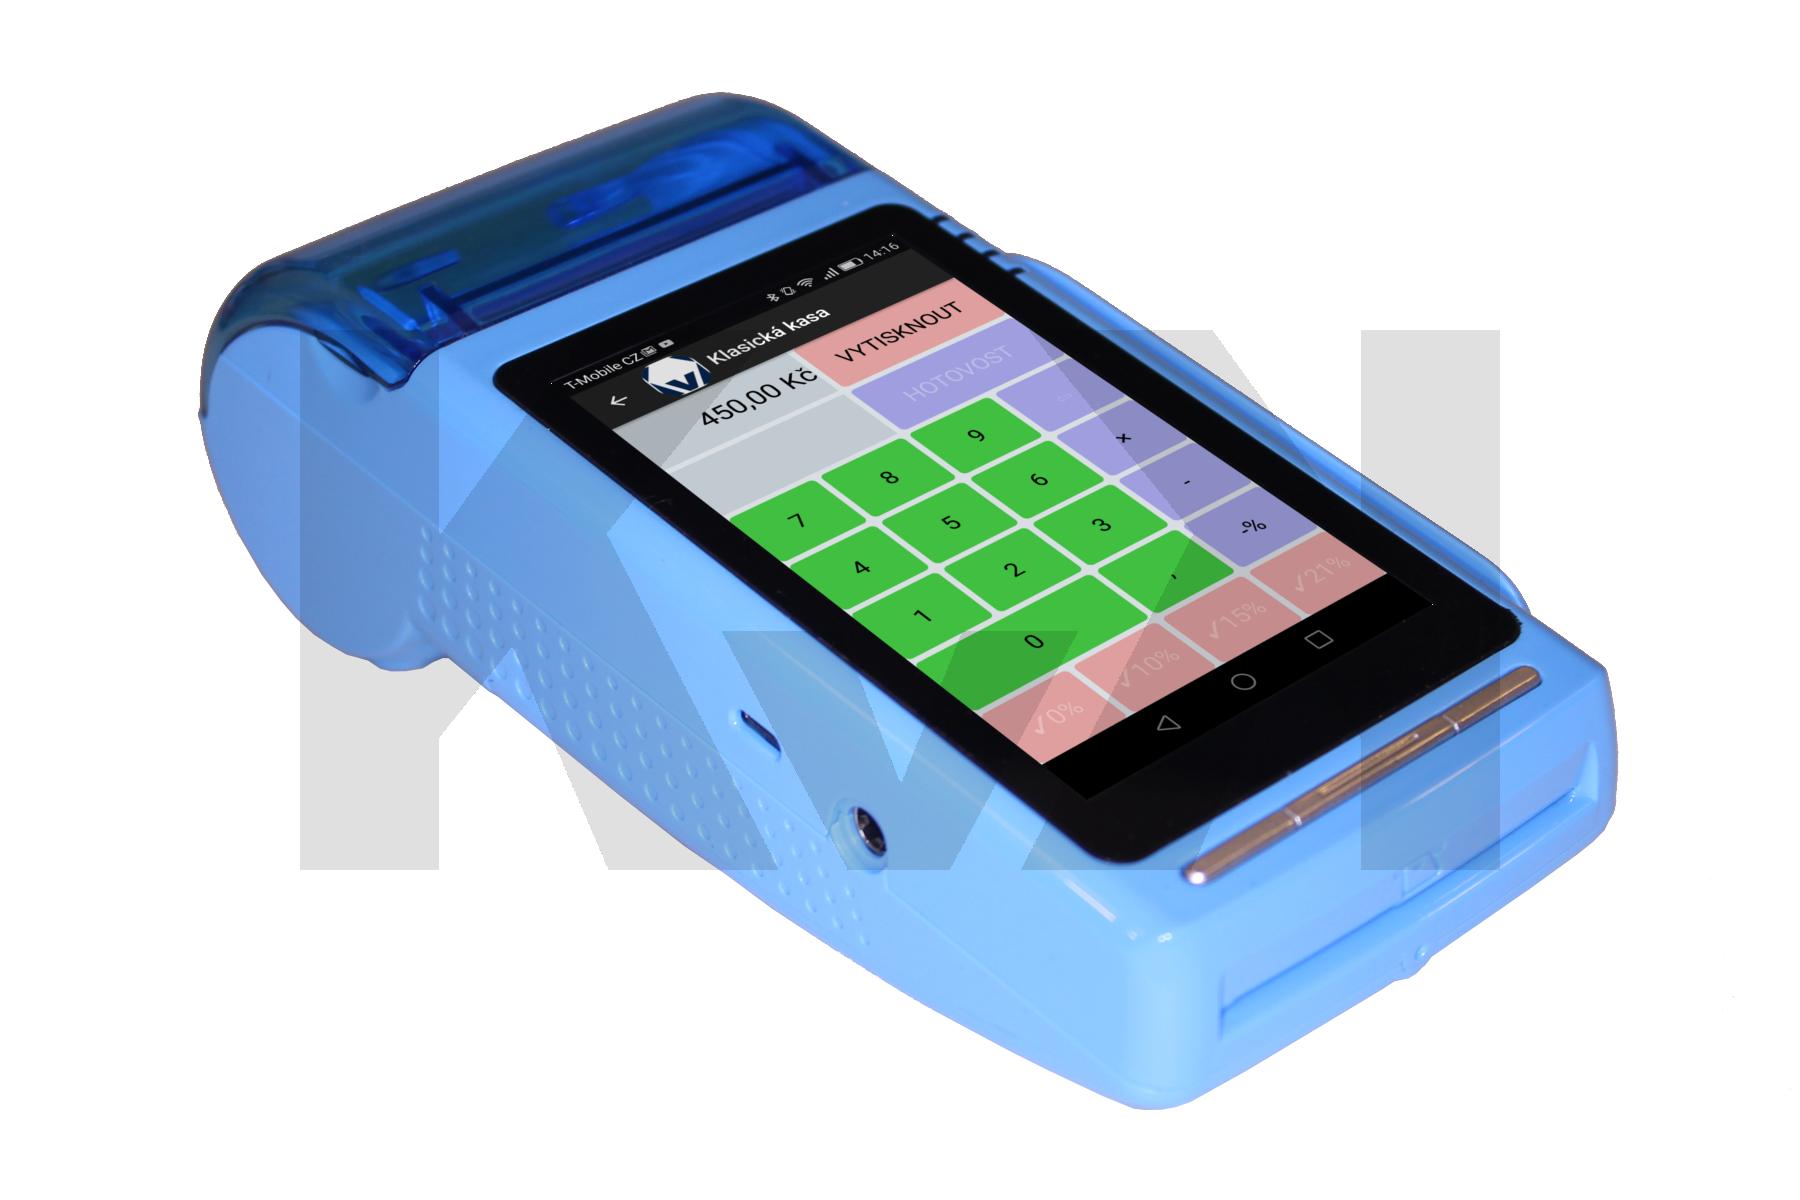 EET, EET pokladna, EET kasa, malá pokladna, kapesní podkladna, pokladní terminál, android pokladna